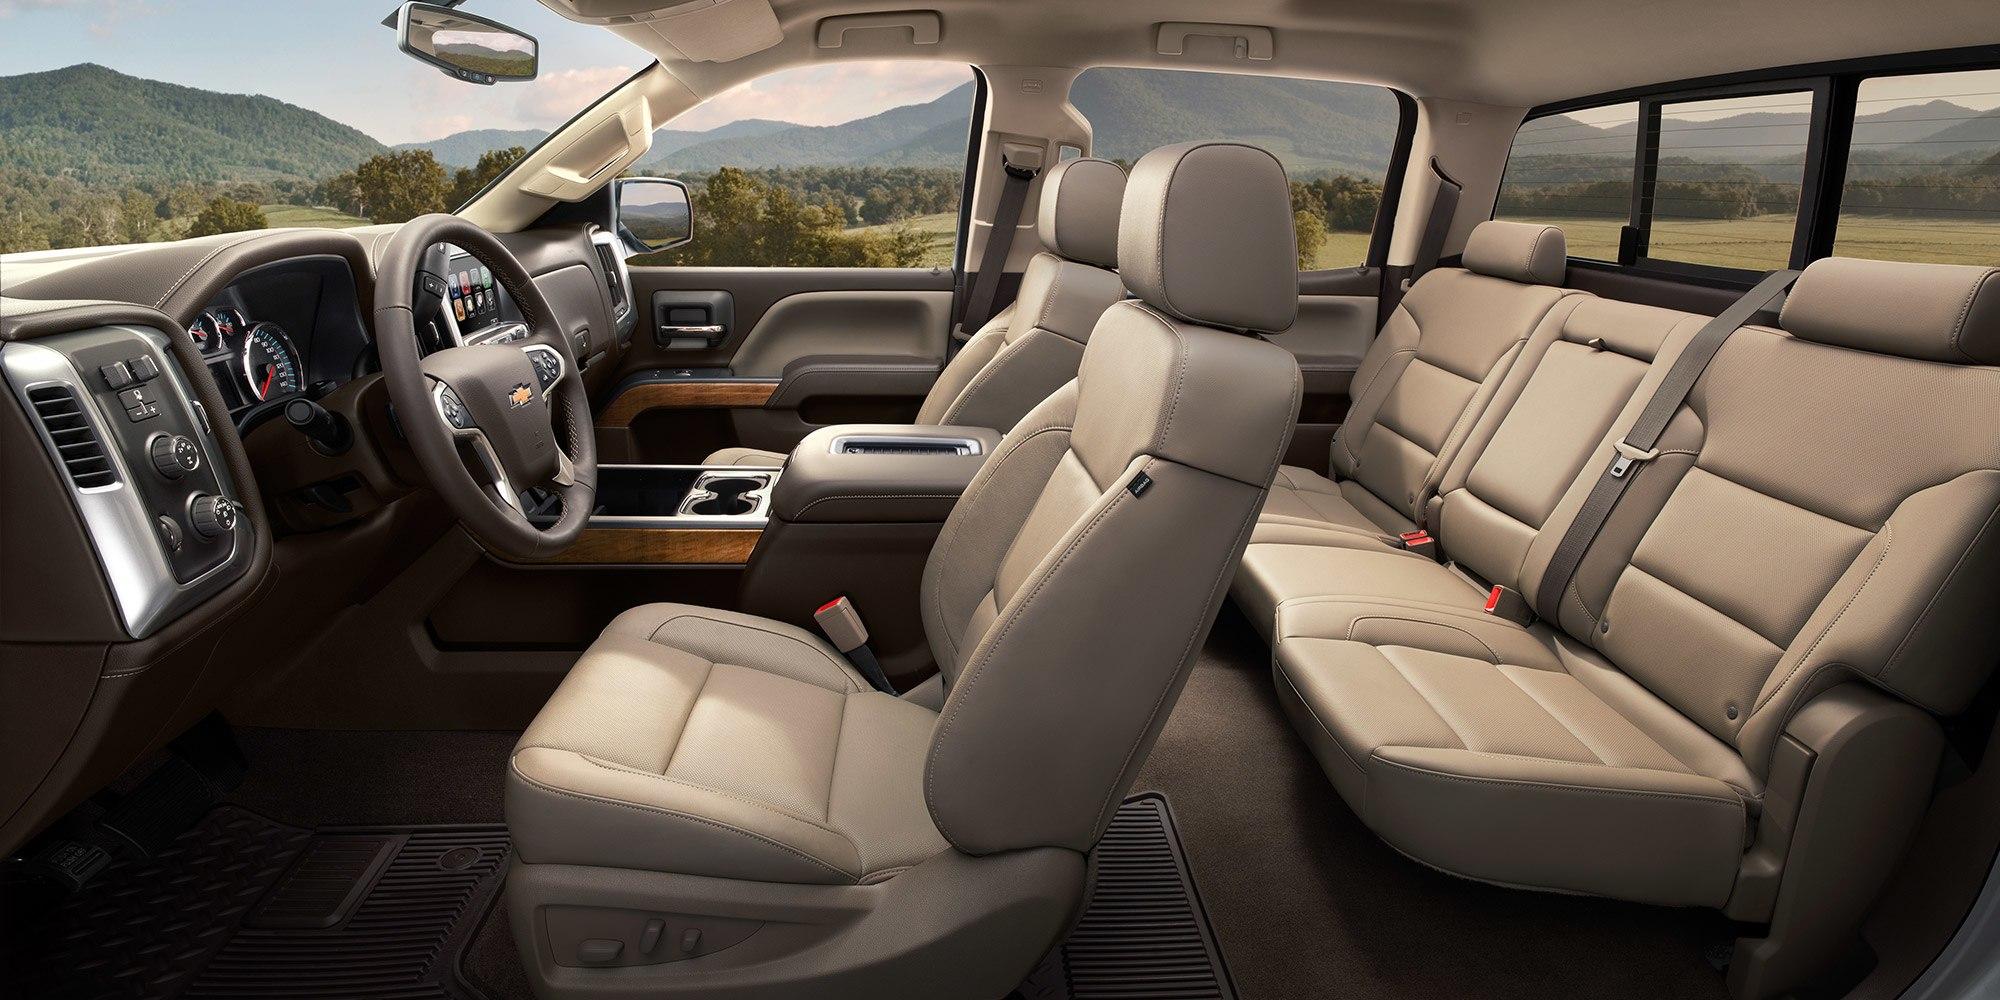 2019 Silverado 2500HD Interior Cabin